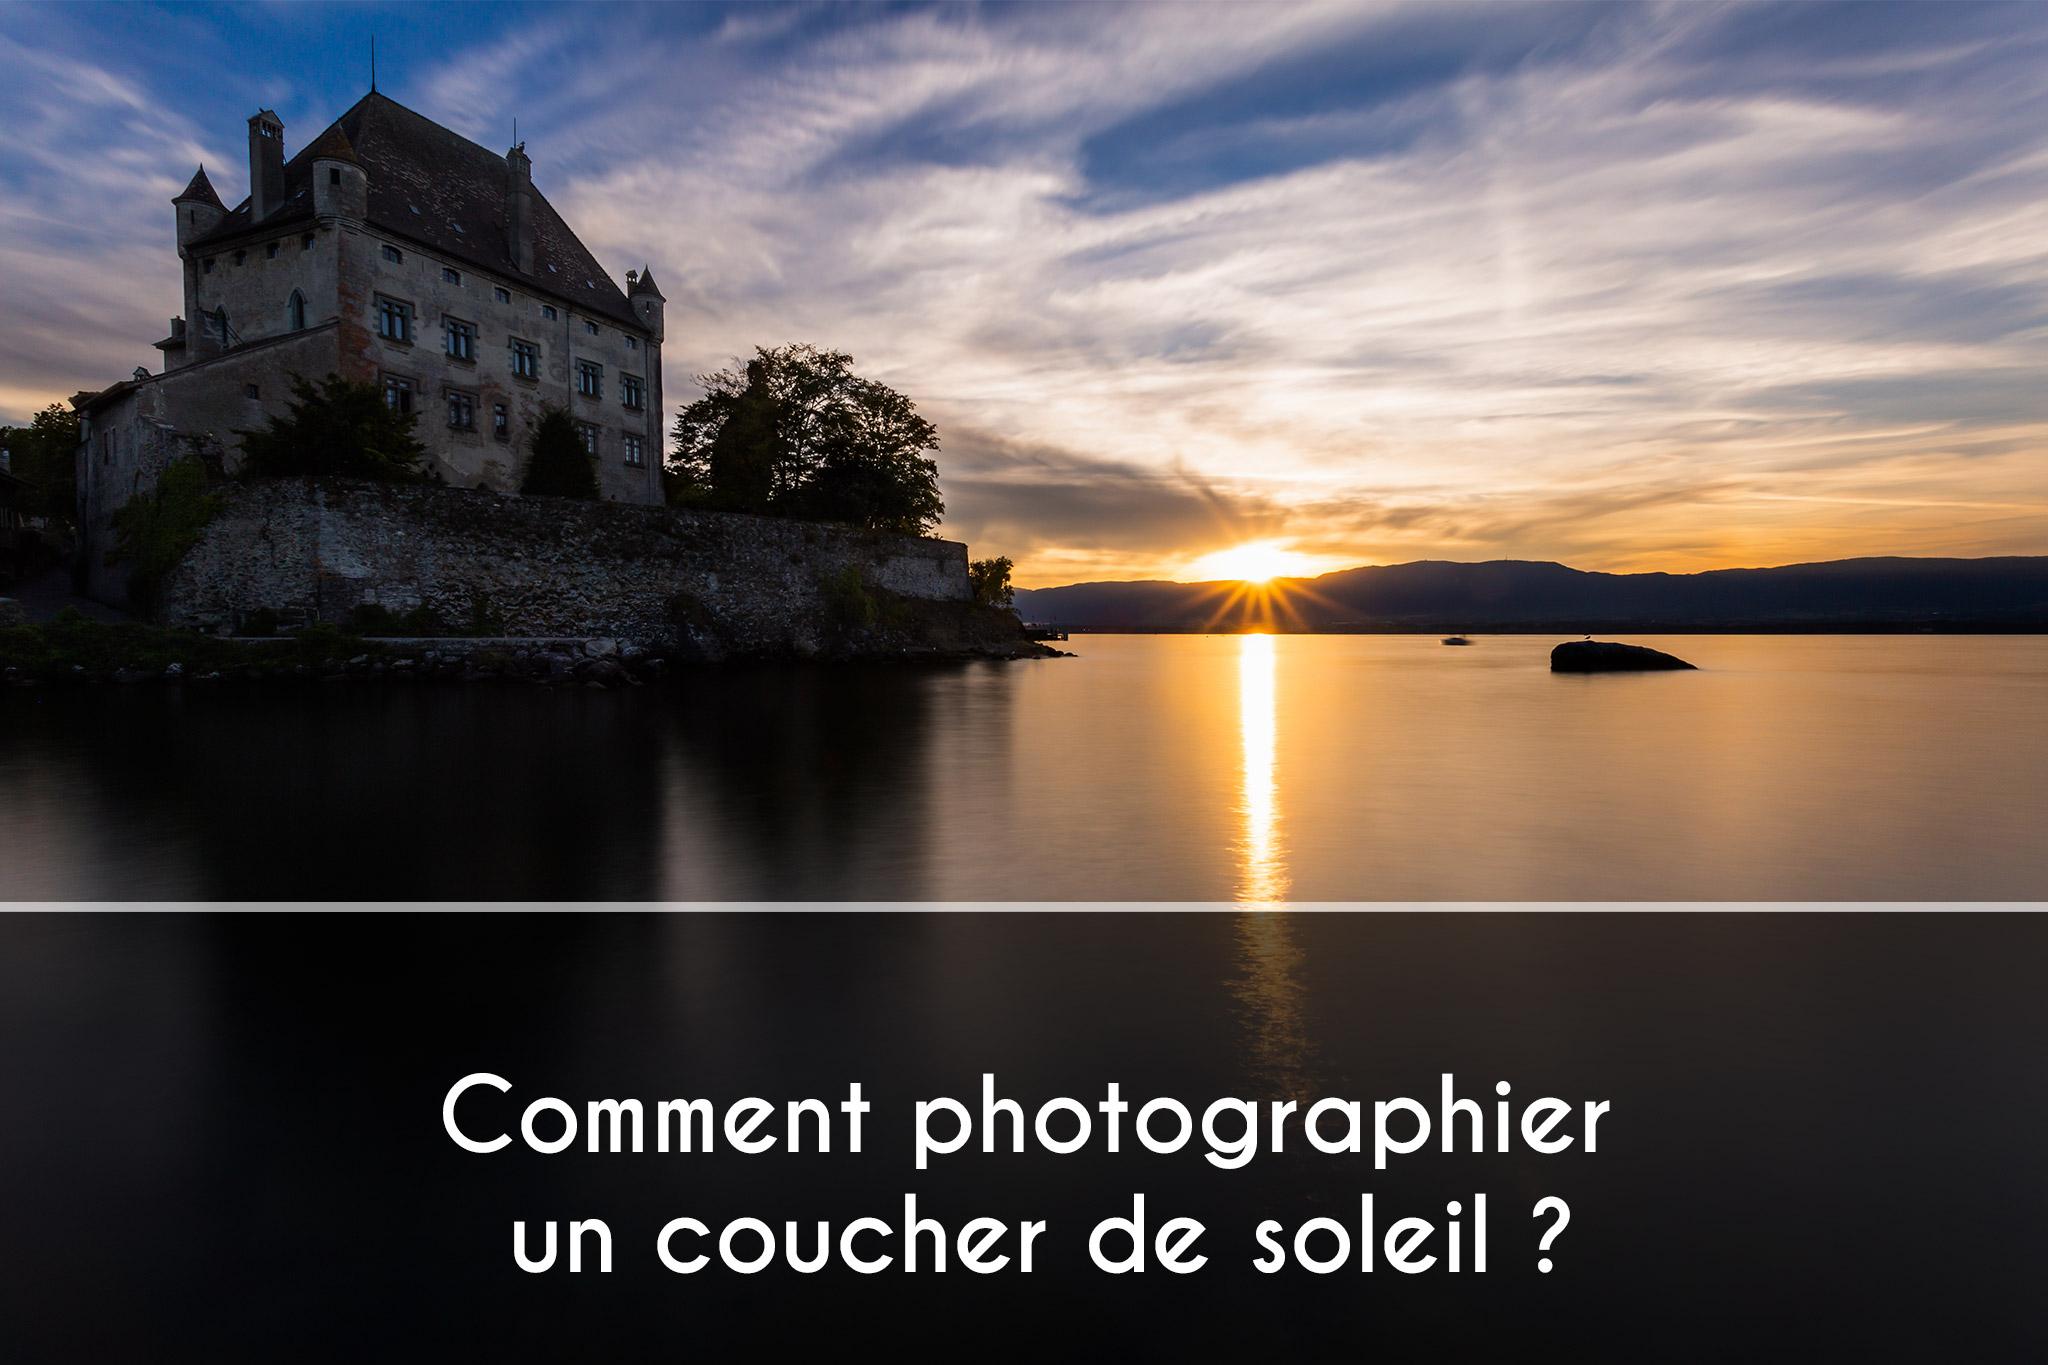 Comment photographier un coucher de soleil ?